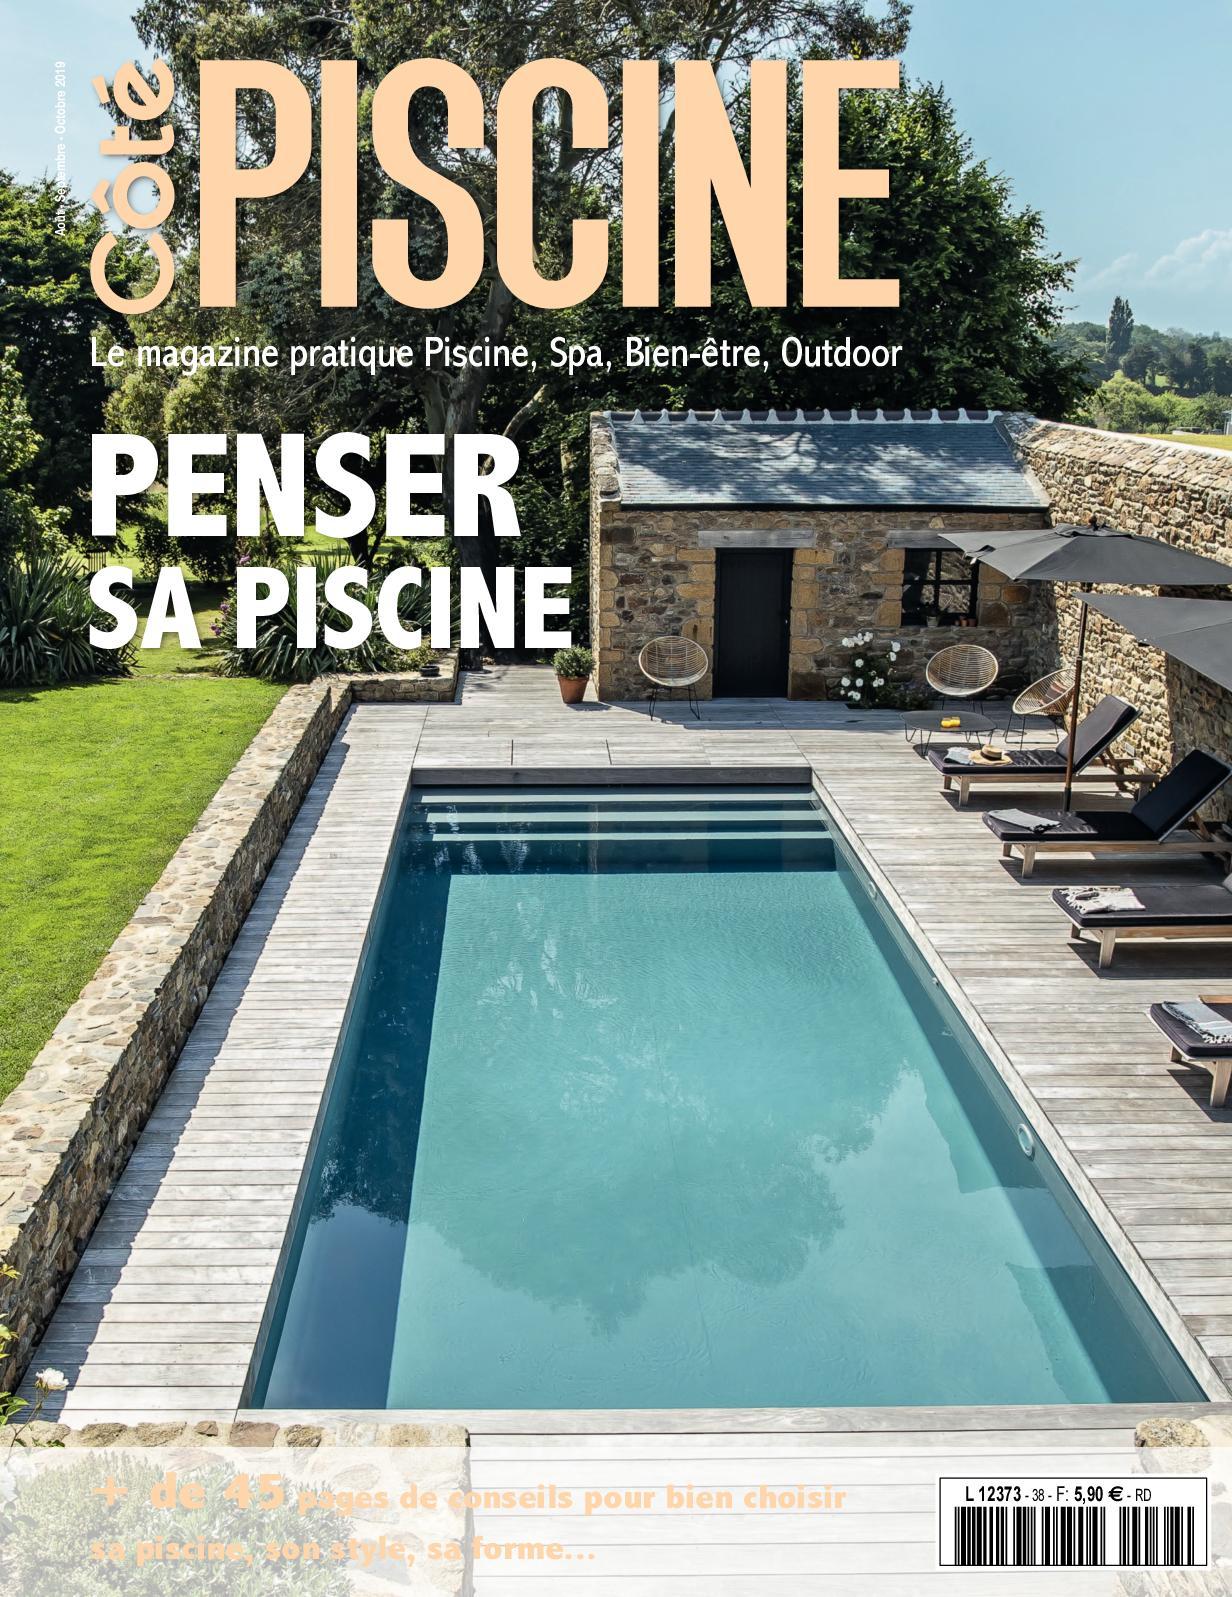 Calaméo - Cote Piscine N° 38 concernant Piscine Le Loroux Bottereau